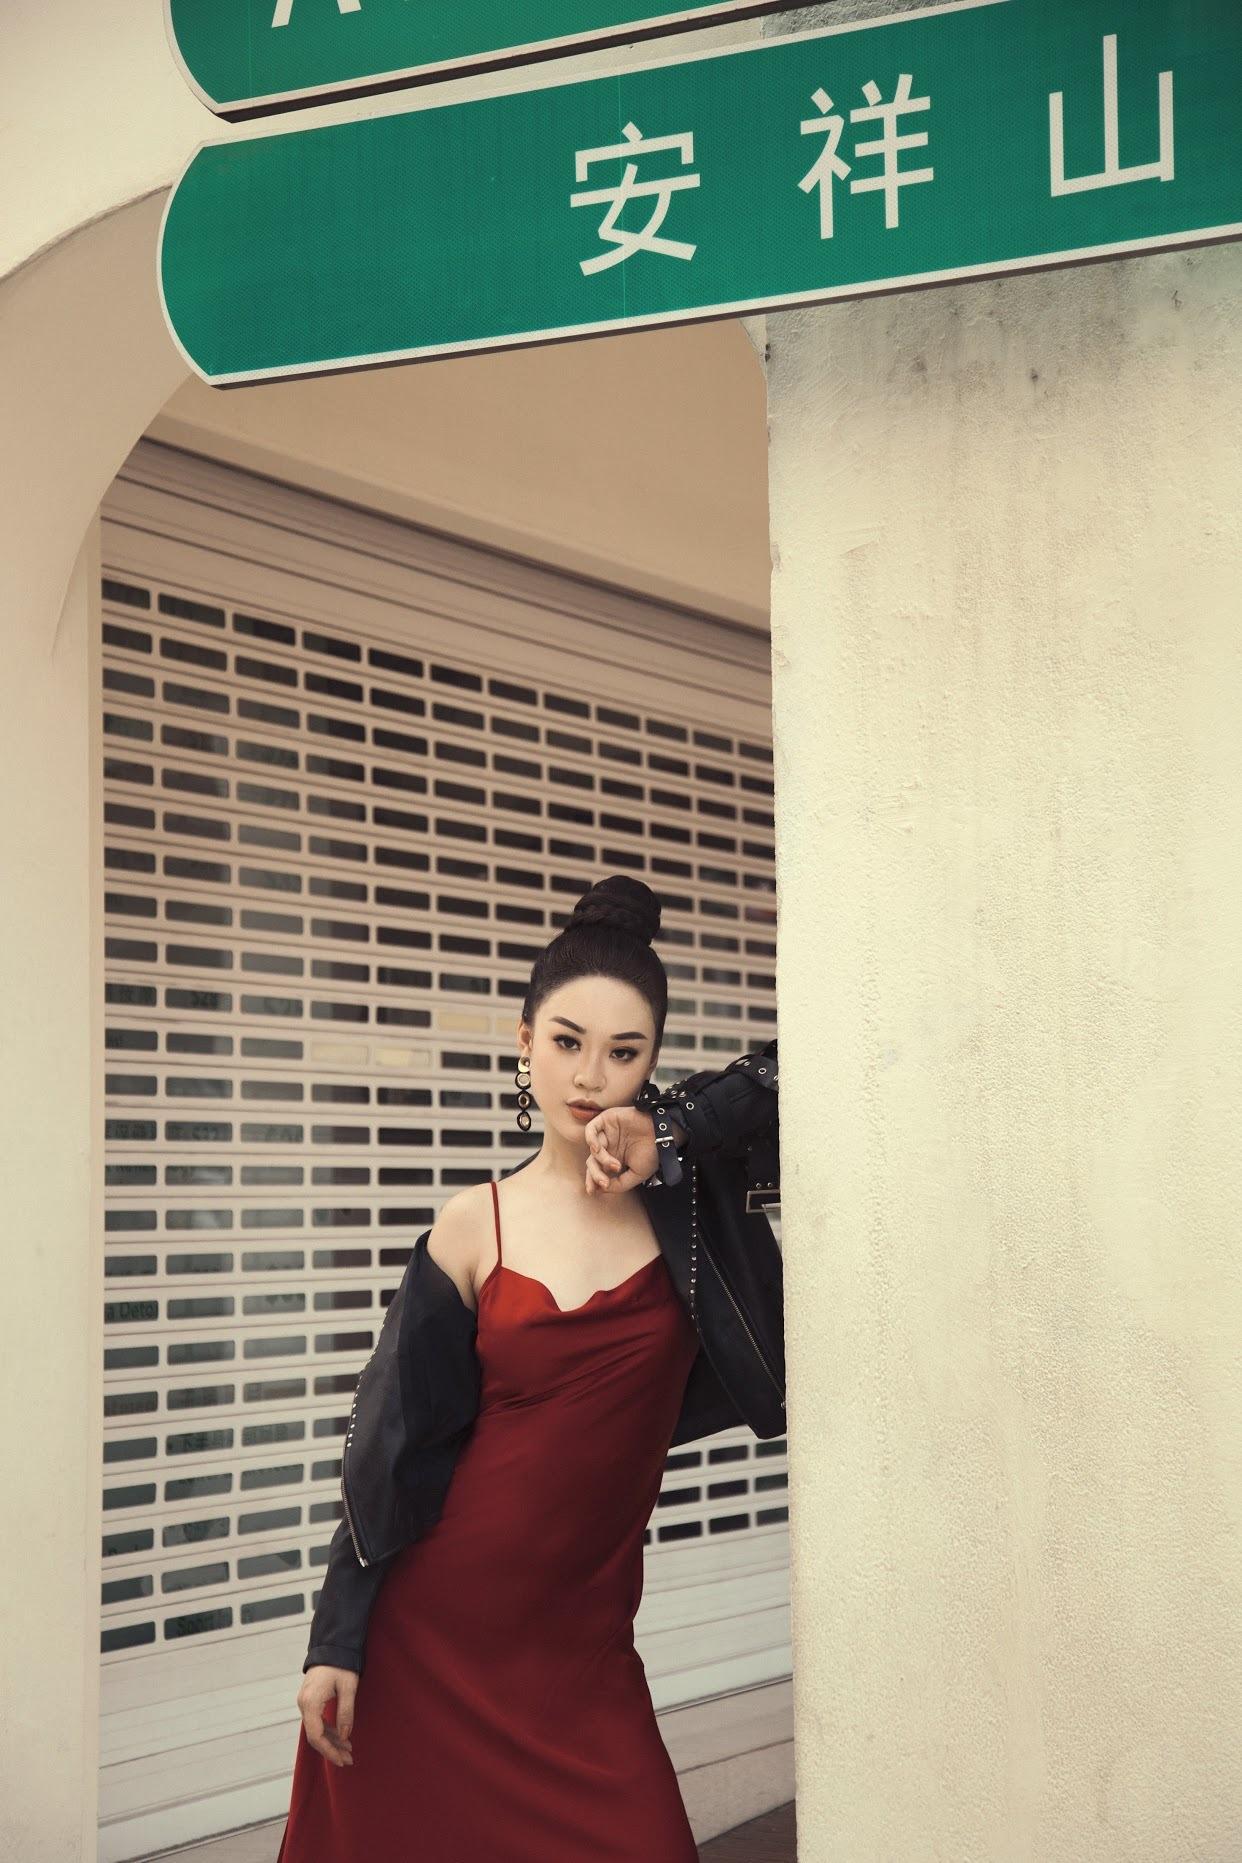 Hoàng Hải Thu cực chất trên con phố nổi tiếng ở Singapore